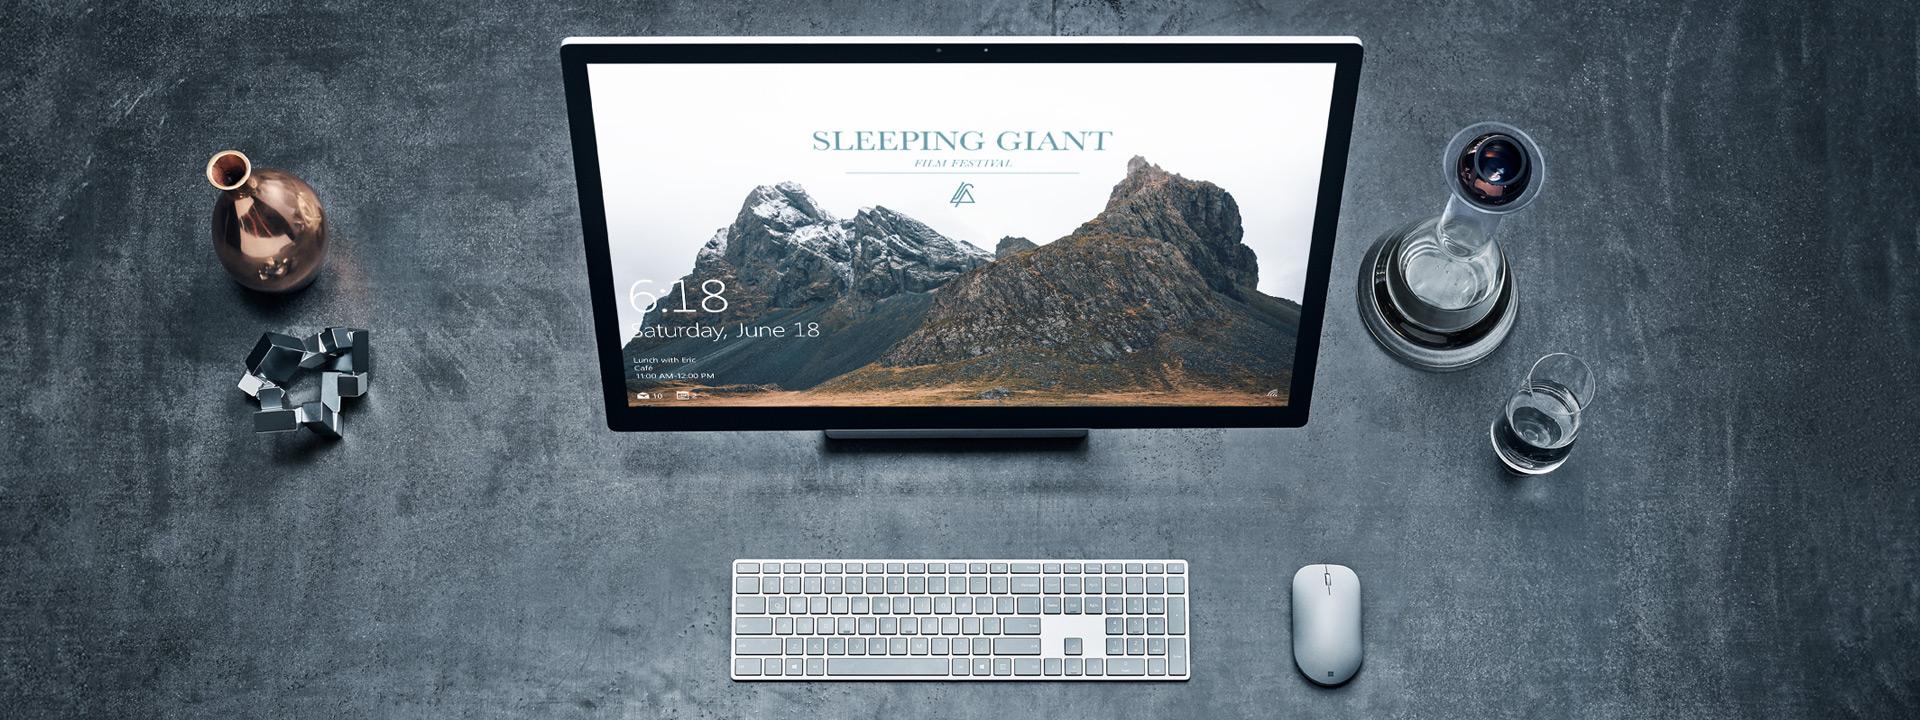 桌上放着带有 Surface 键盘和 Surface 鼠标的 Surface Studio